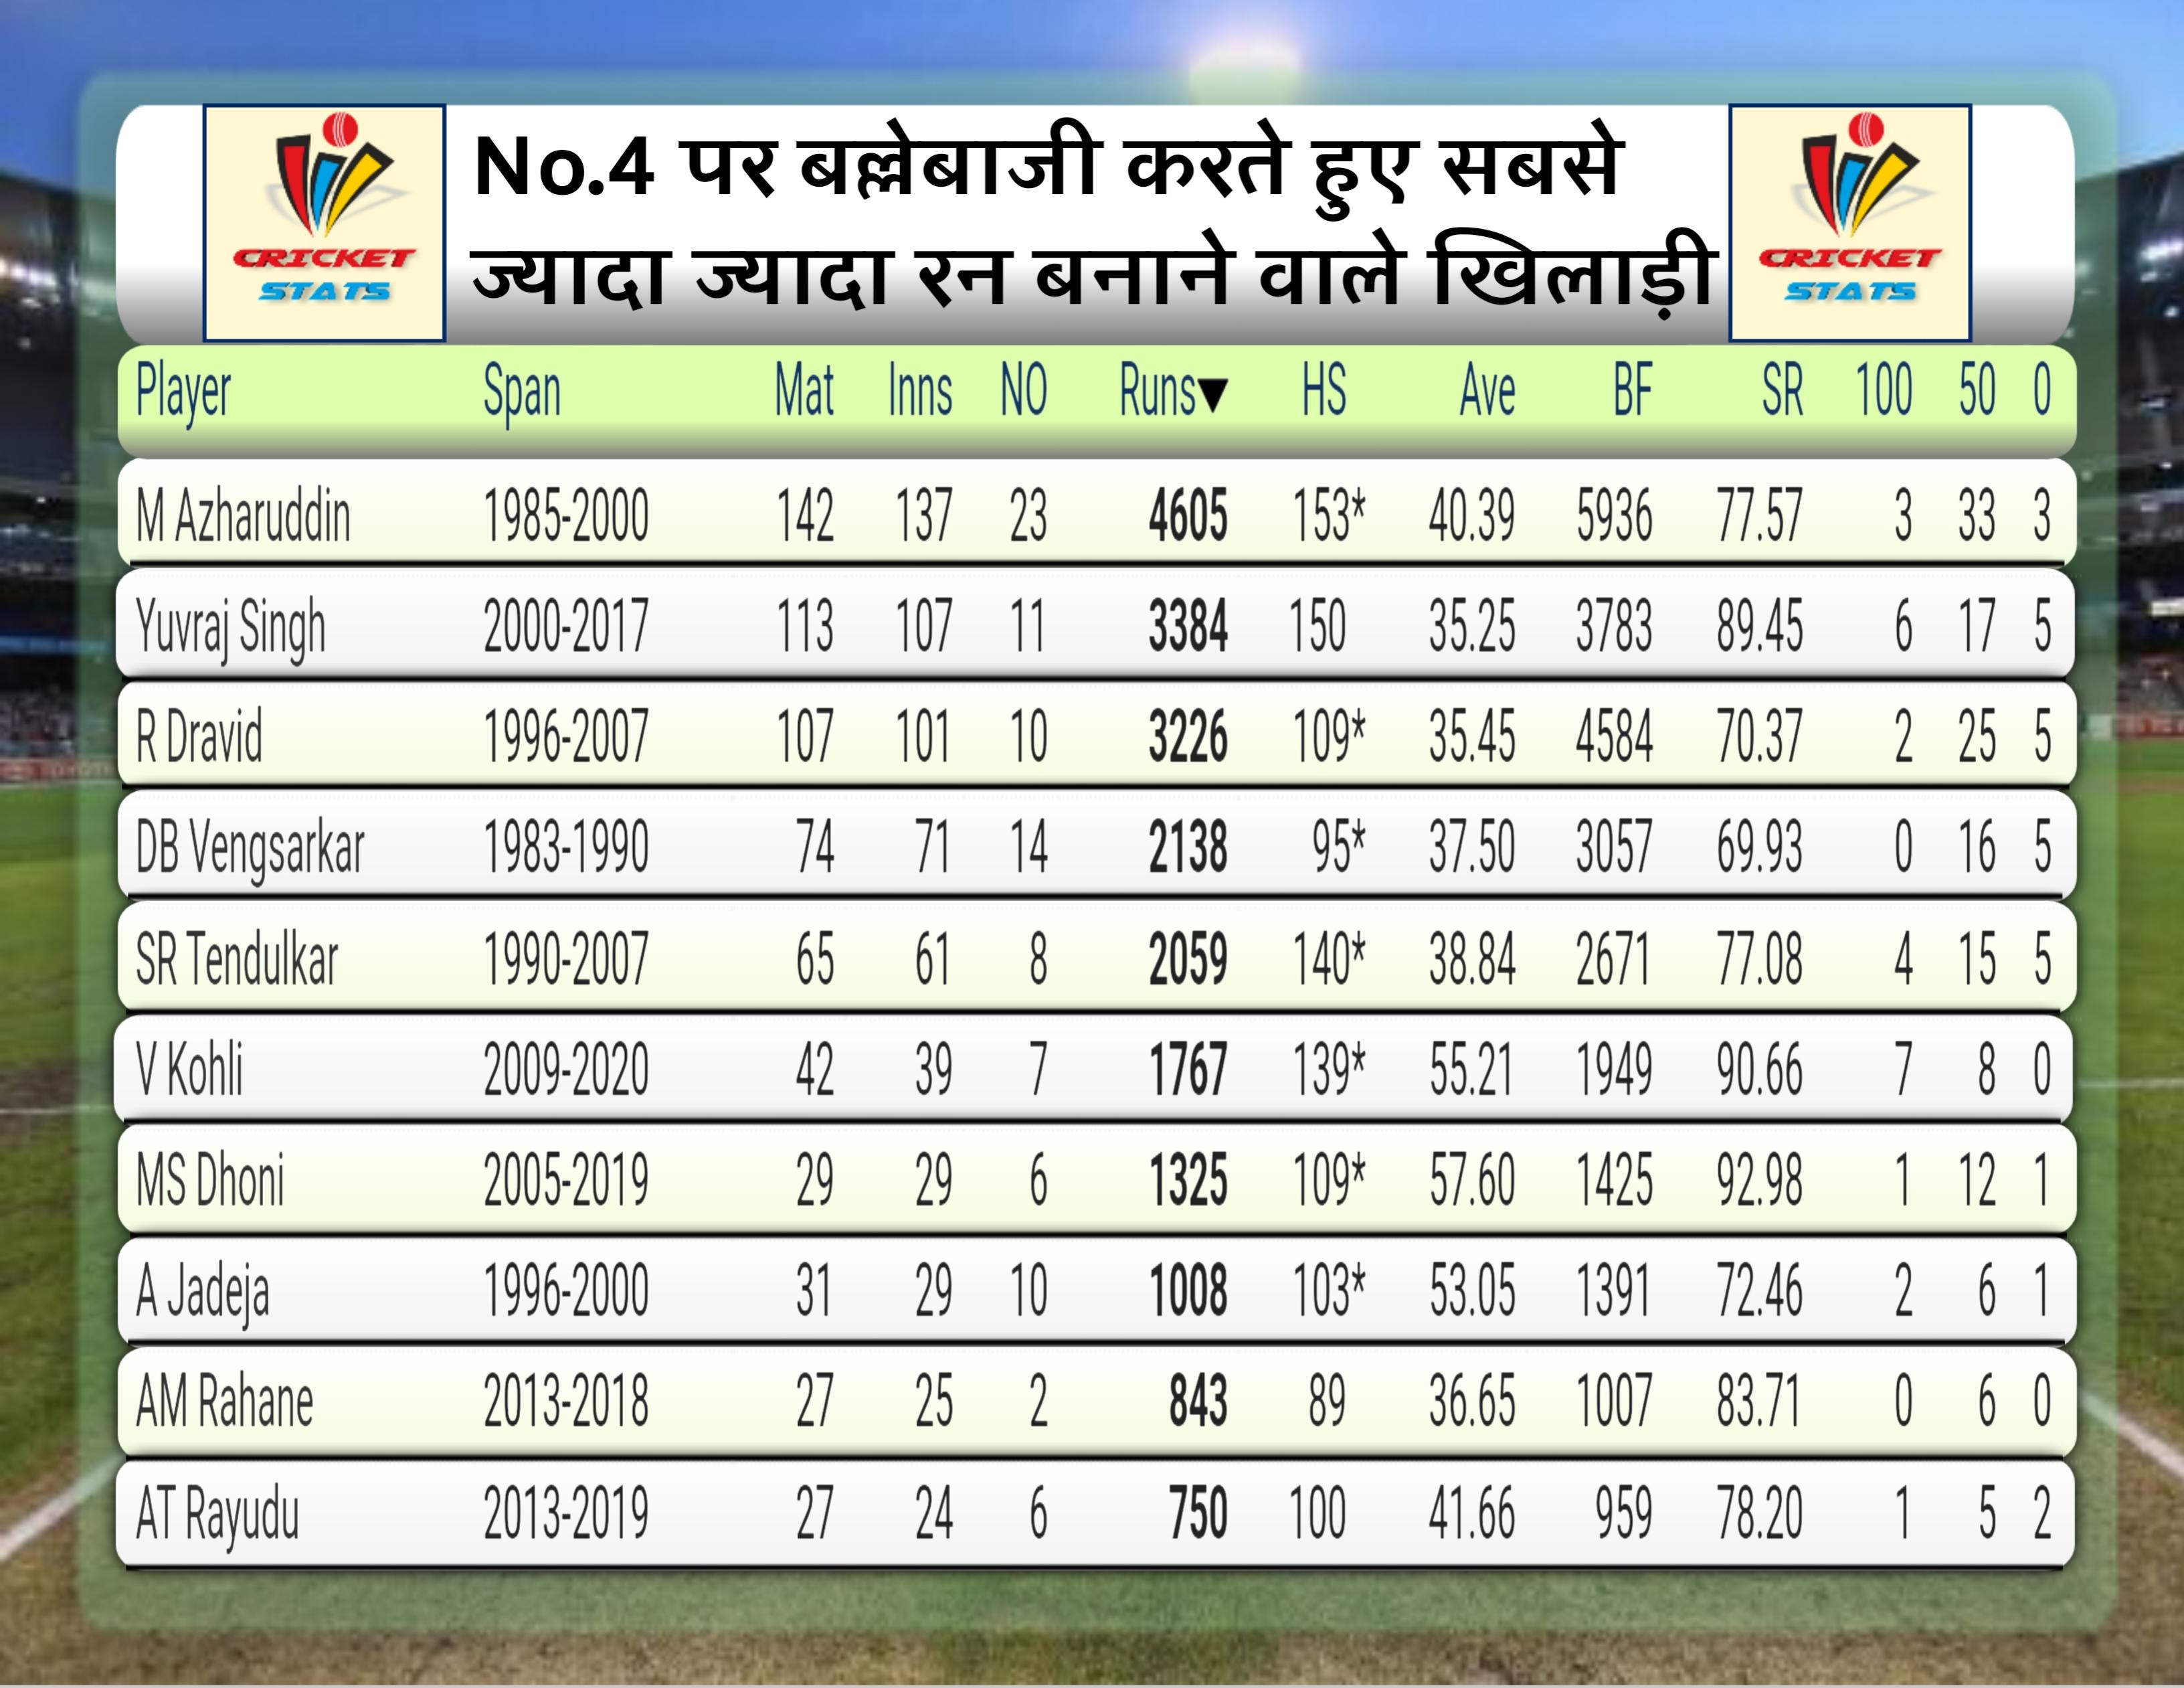 most runs at no 4 in odi